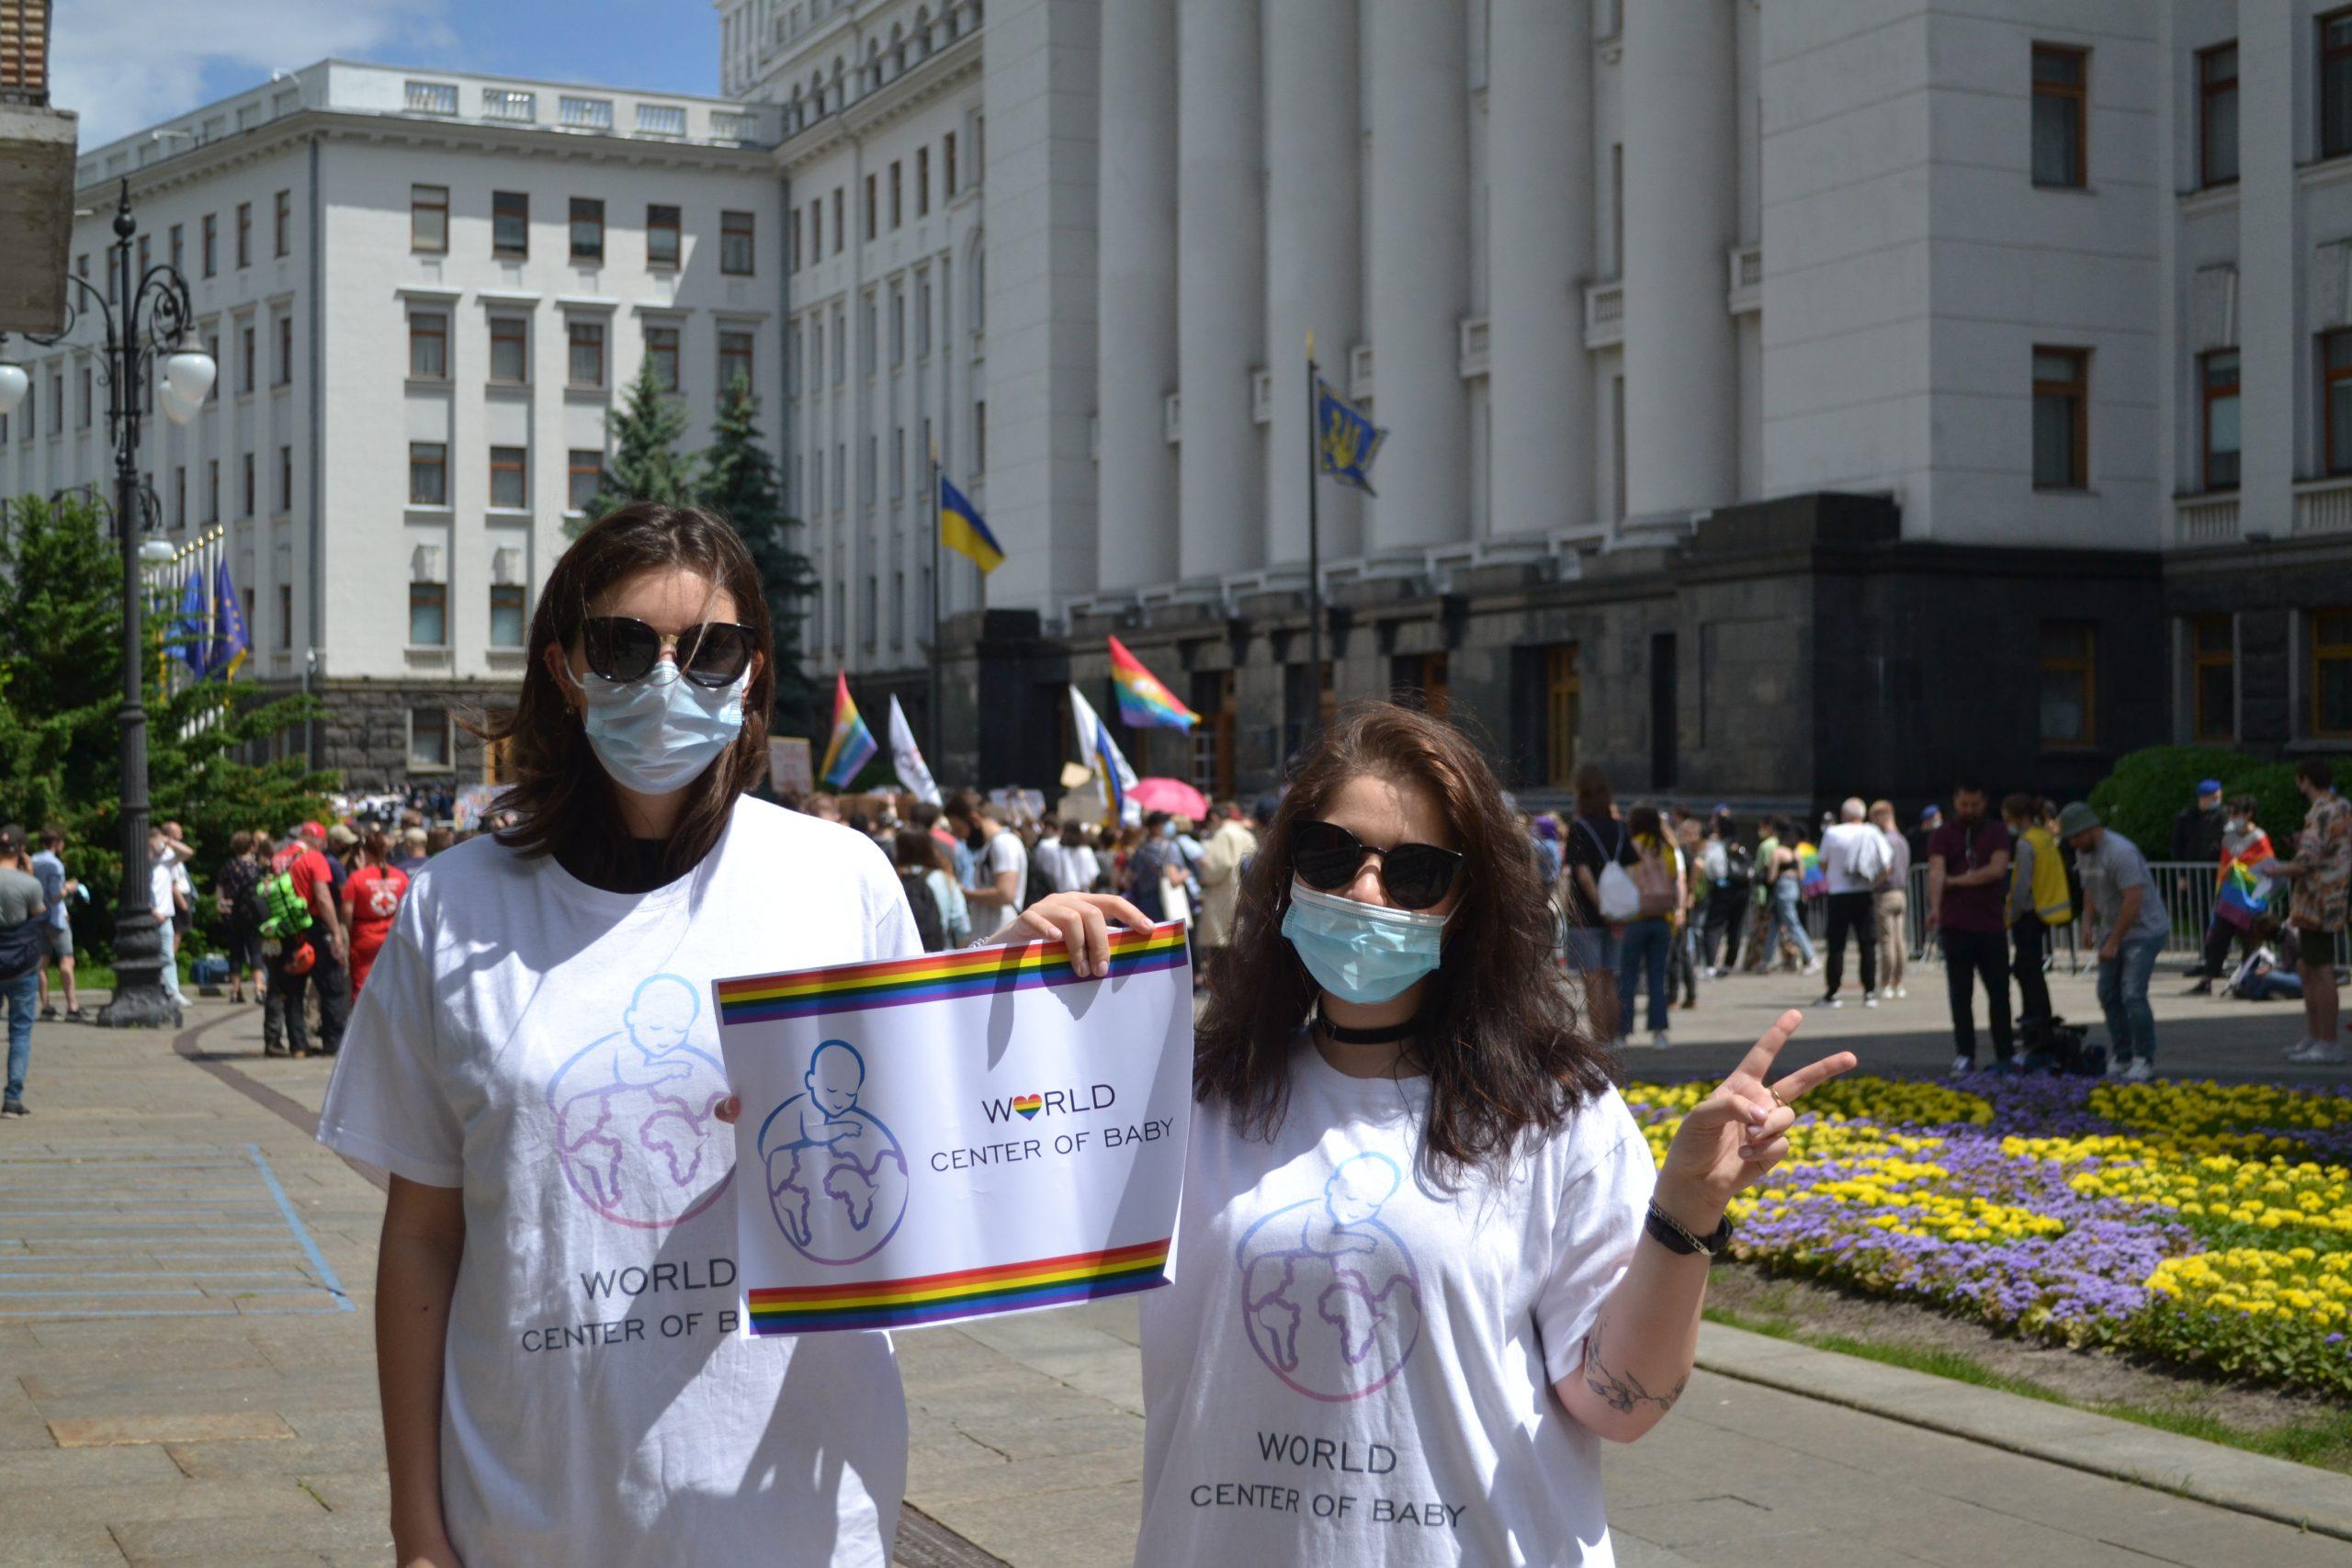 Manifestación por la igualdad entre personas del mismo sexo en Kyiv: demandas de derechos